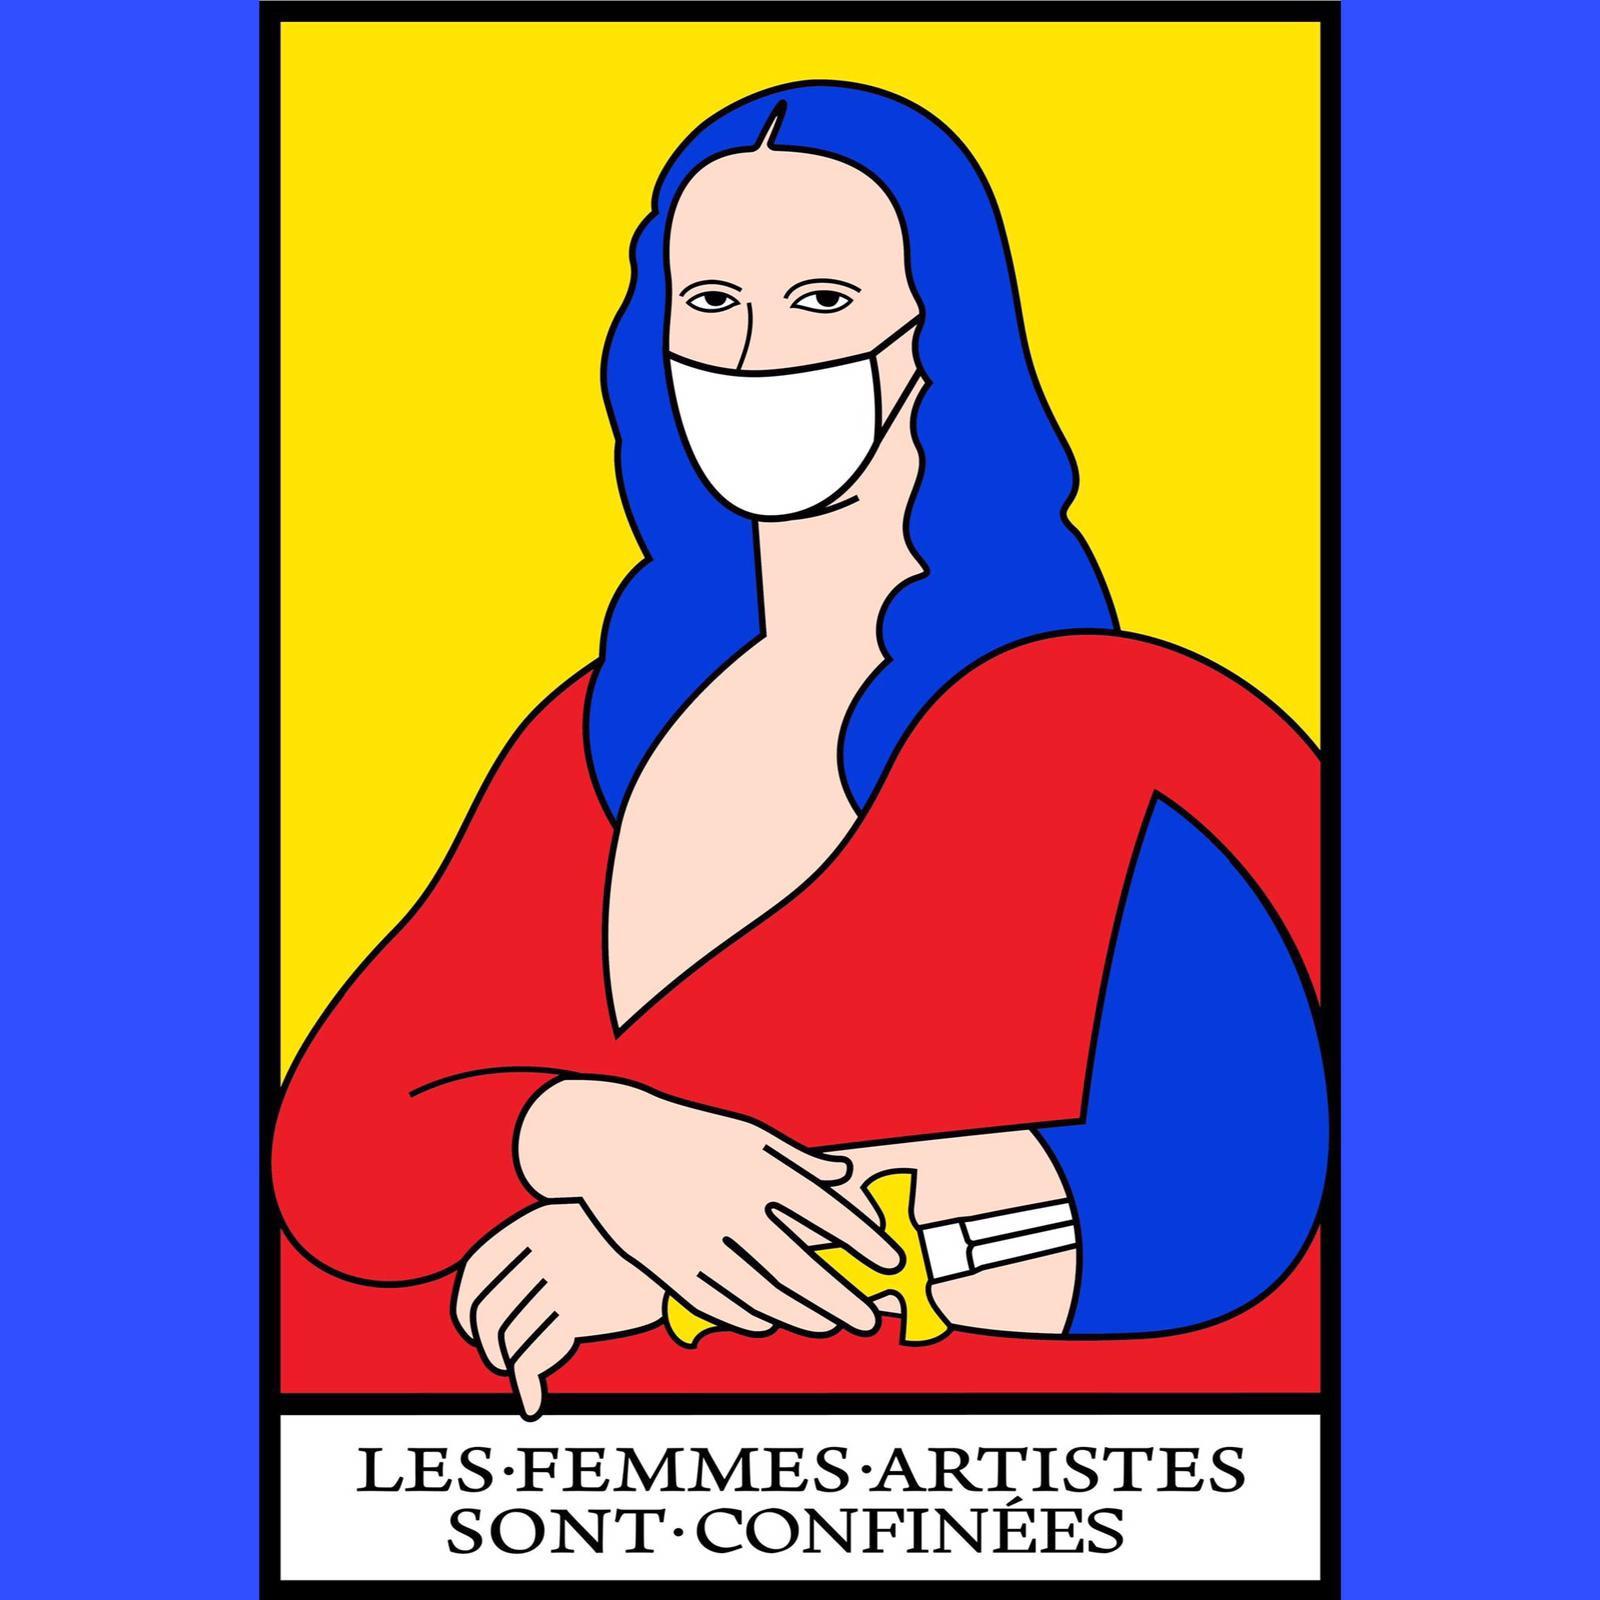 Les Femmes Artistes sont Confinées : Élise Le Garrec & Alisson MB